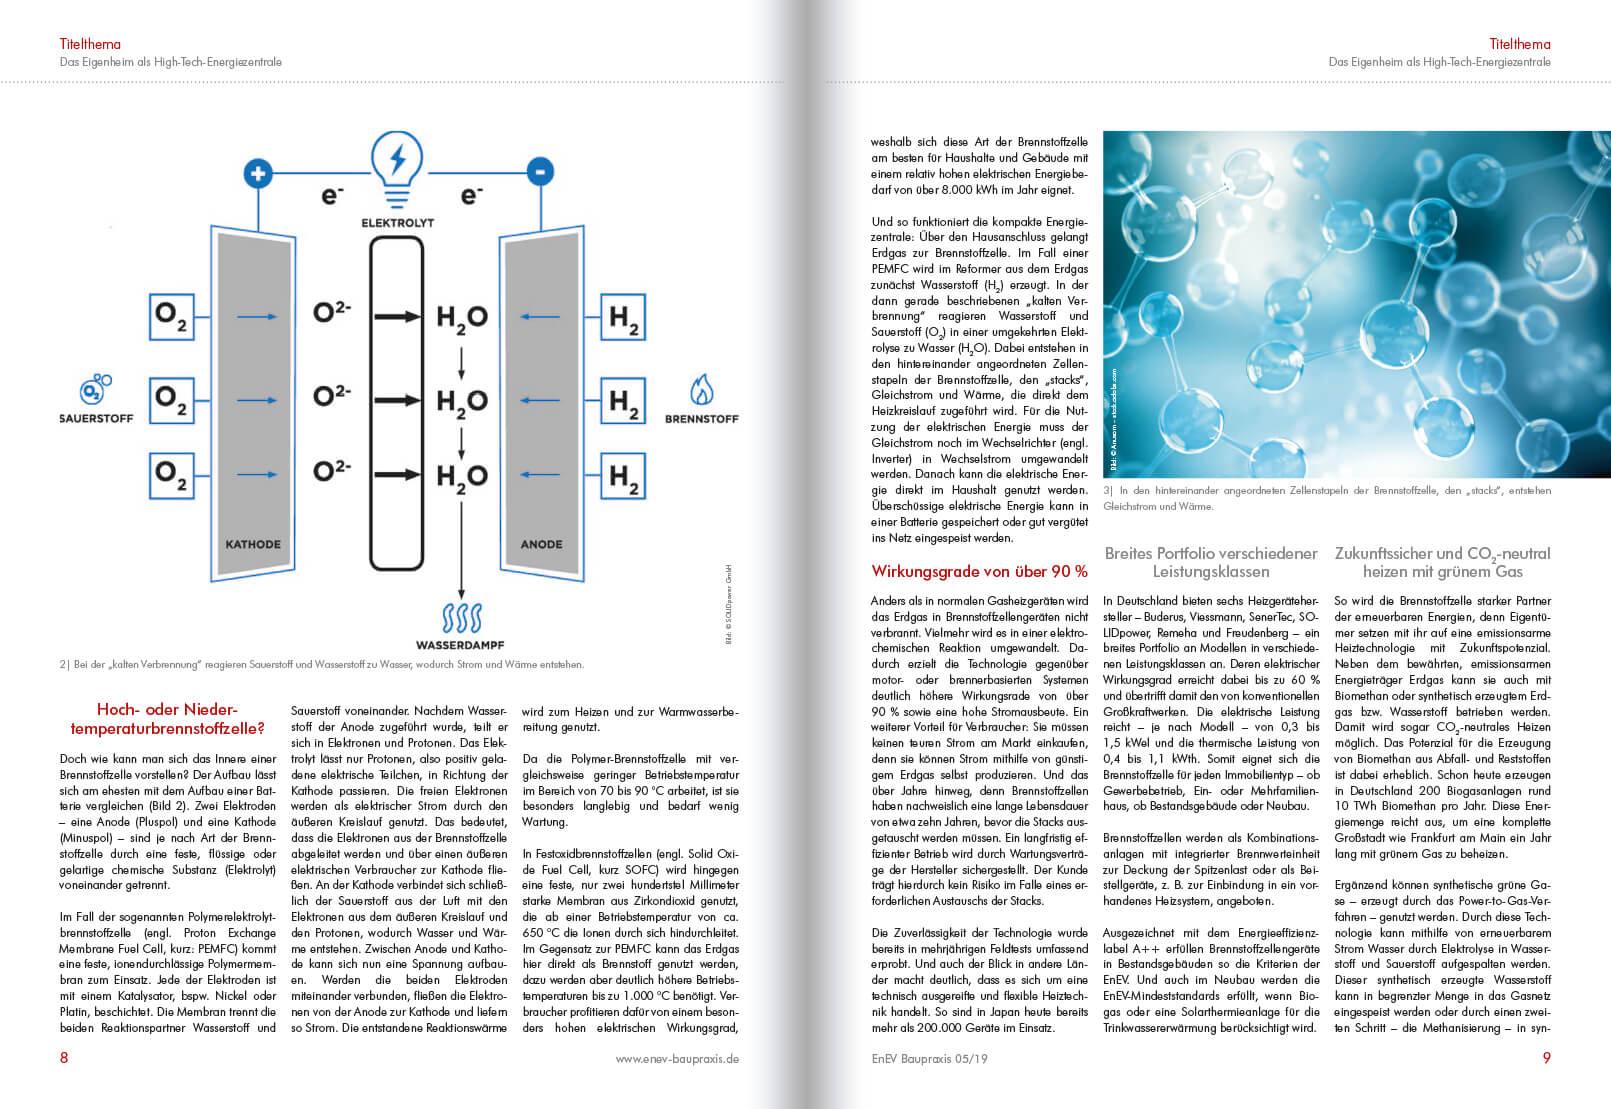 Brennstoffzellen - Energieerzeugung der Zukunft 2